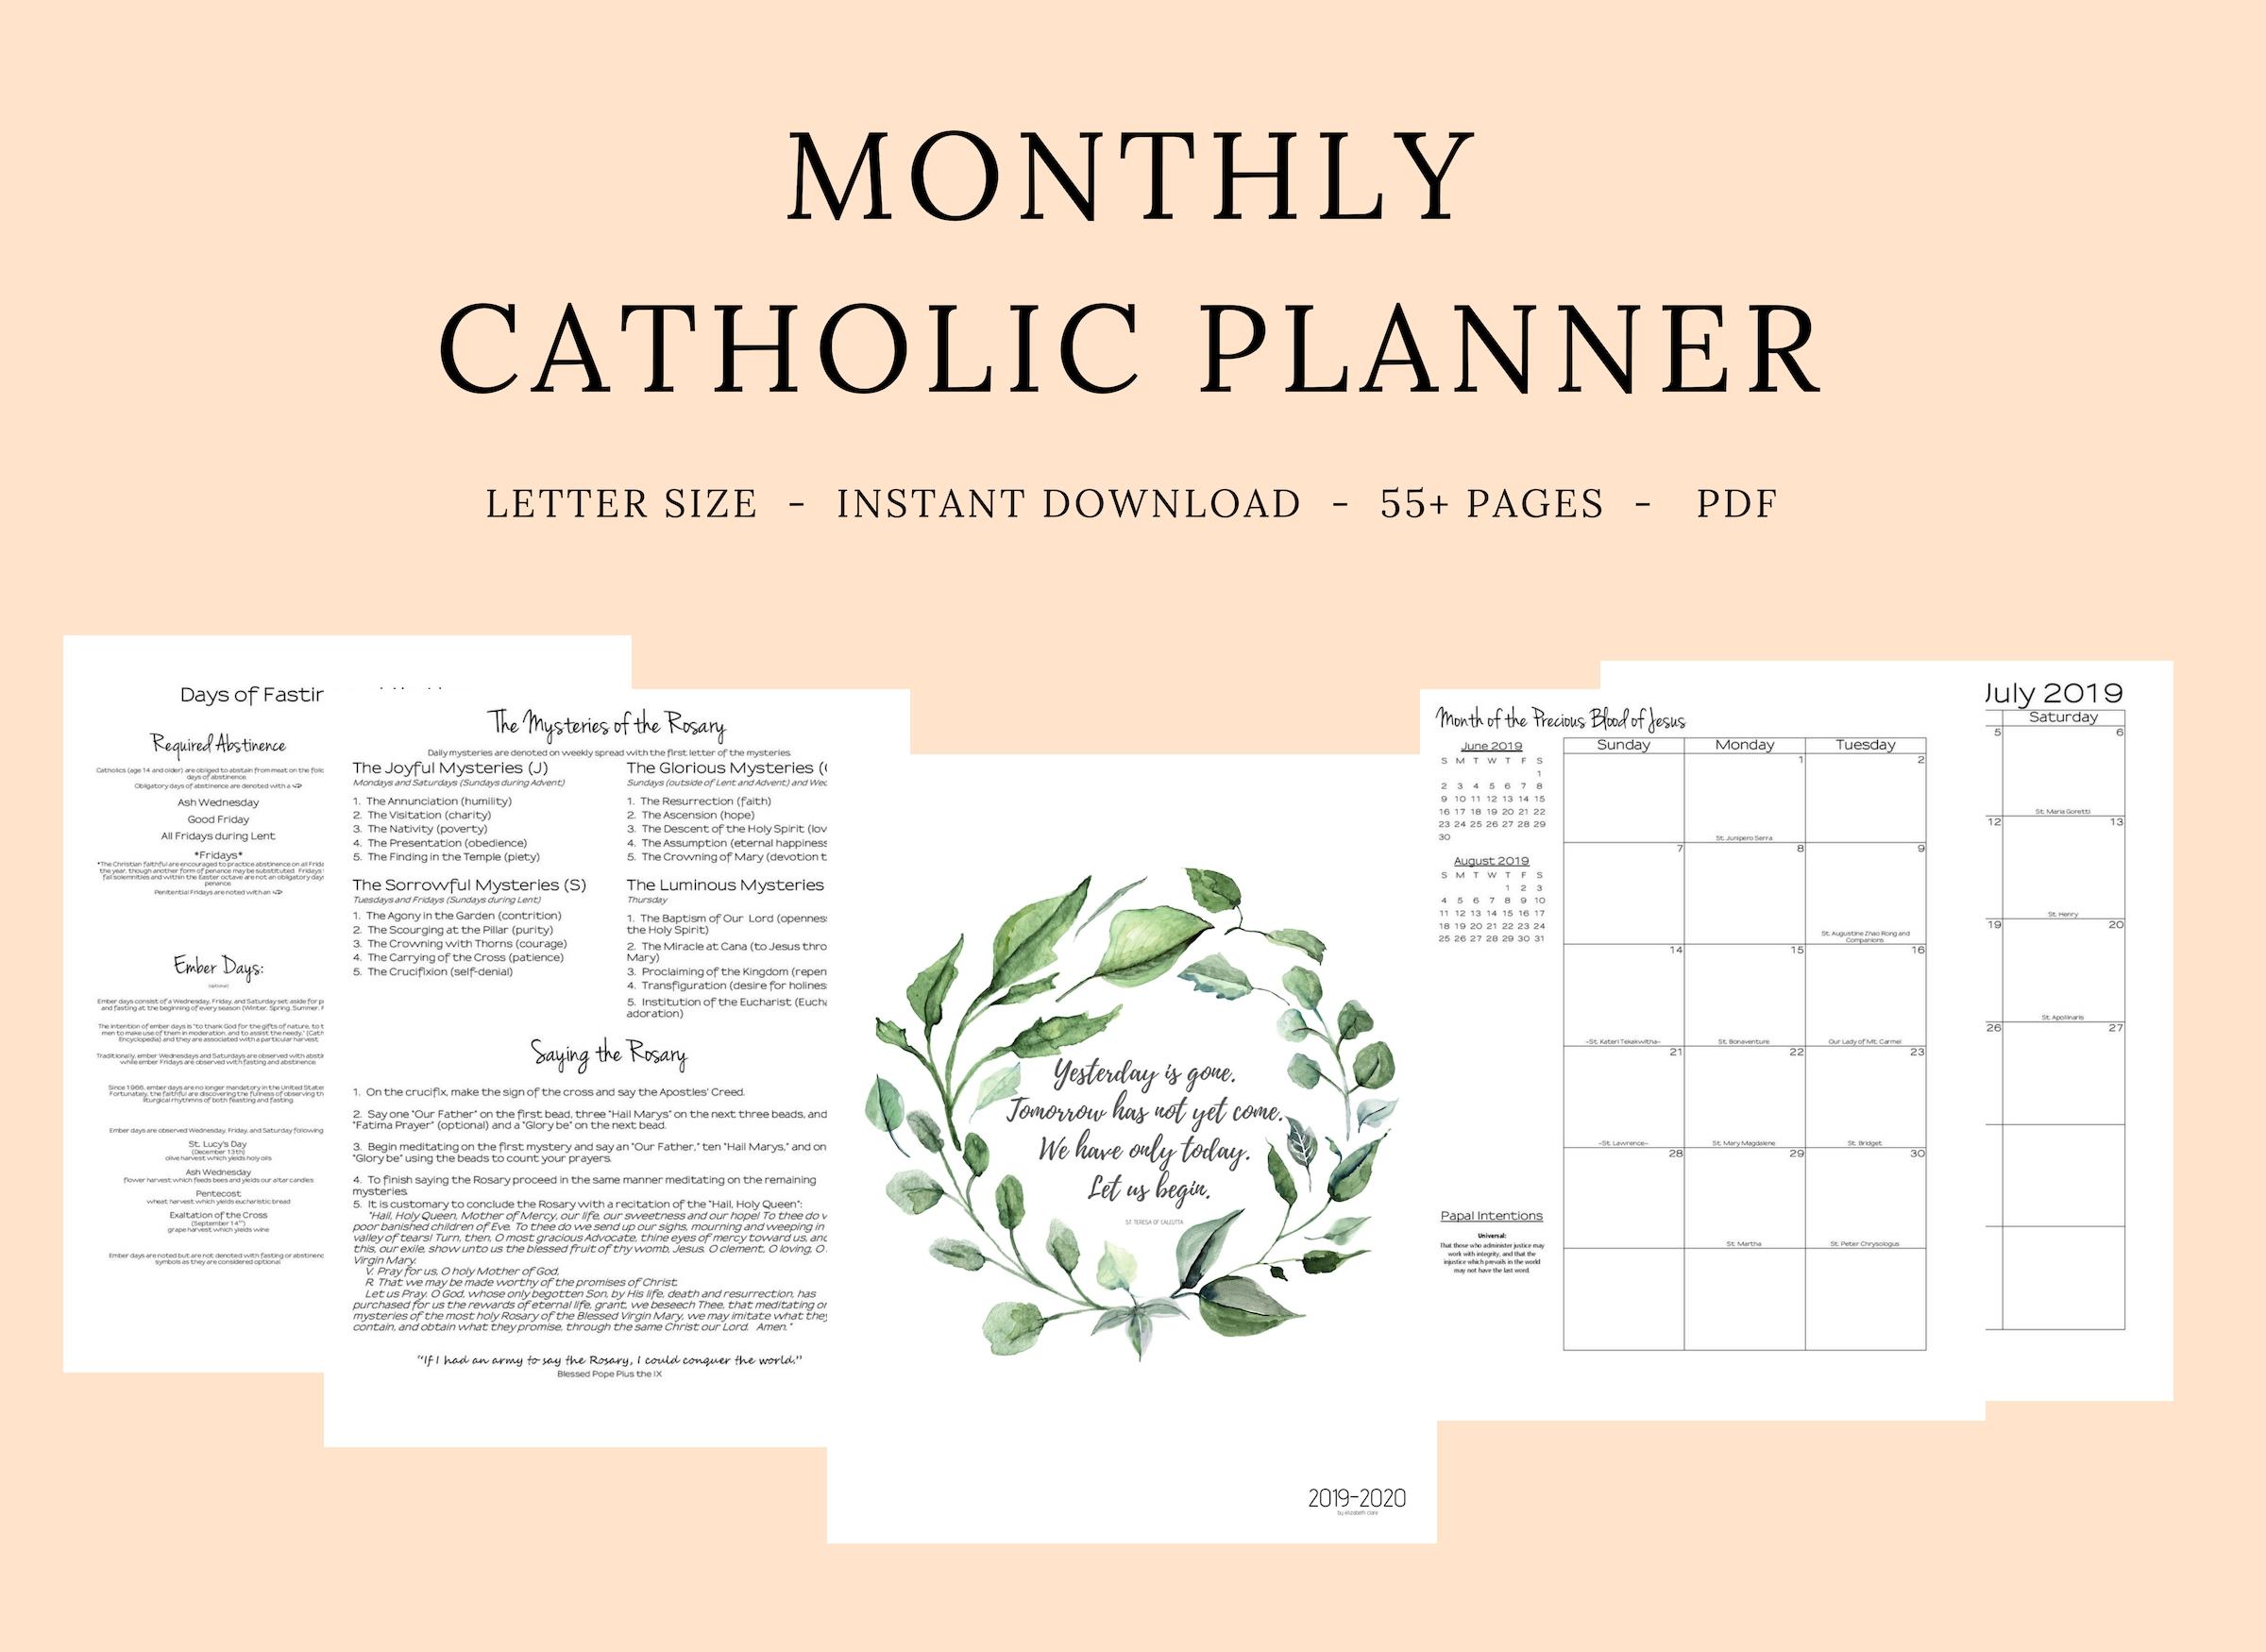 Printable Catholic Liturgical Calendar 2020 - Calendar  Printabel Lectionary Clalendar For 2021 Umc